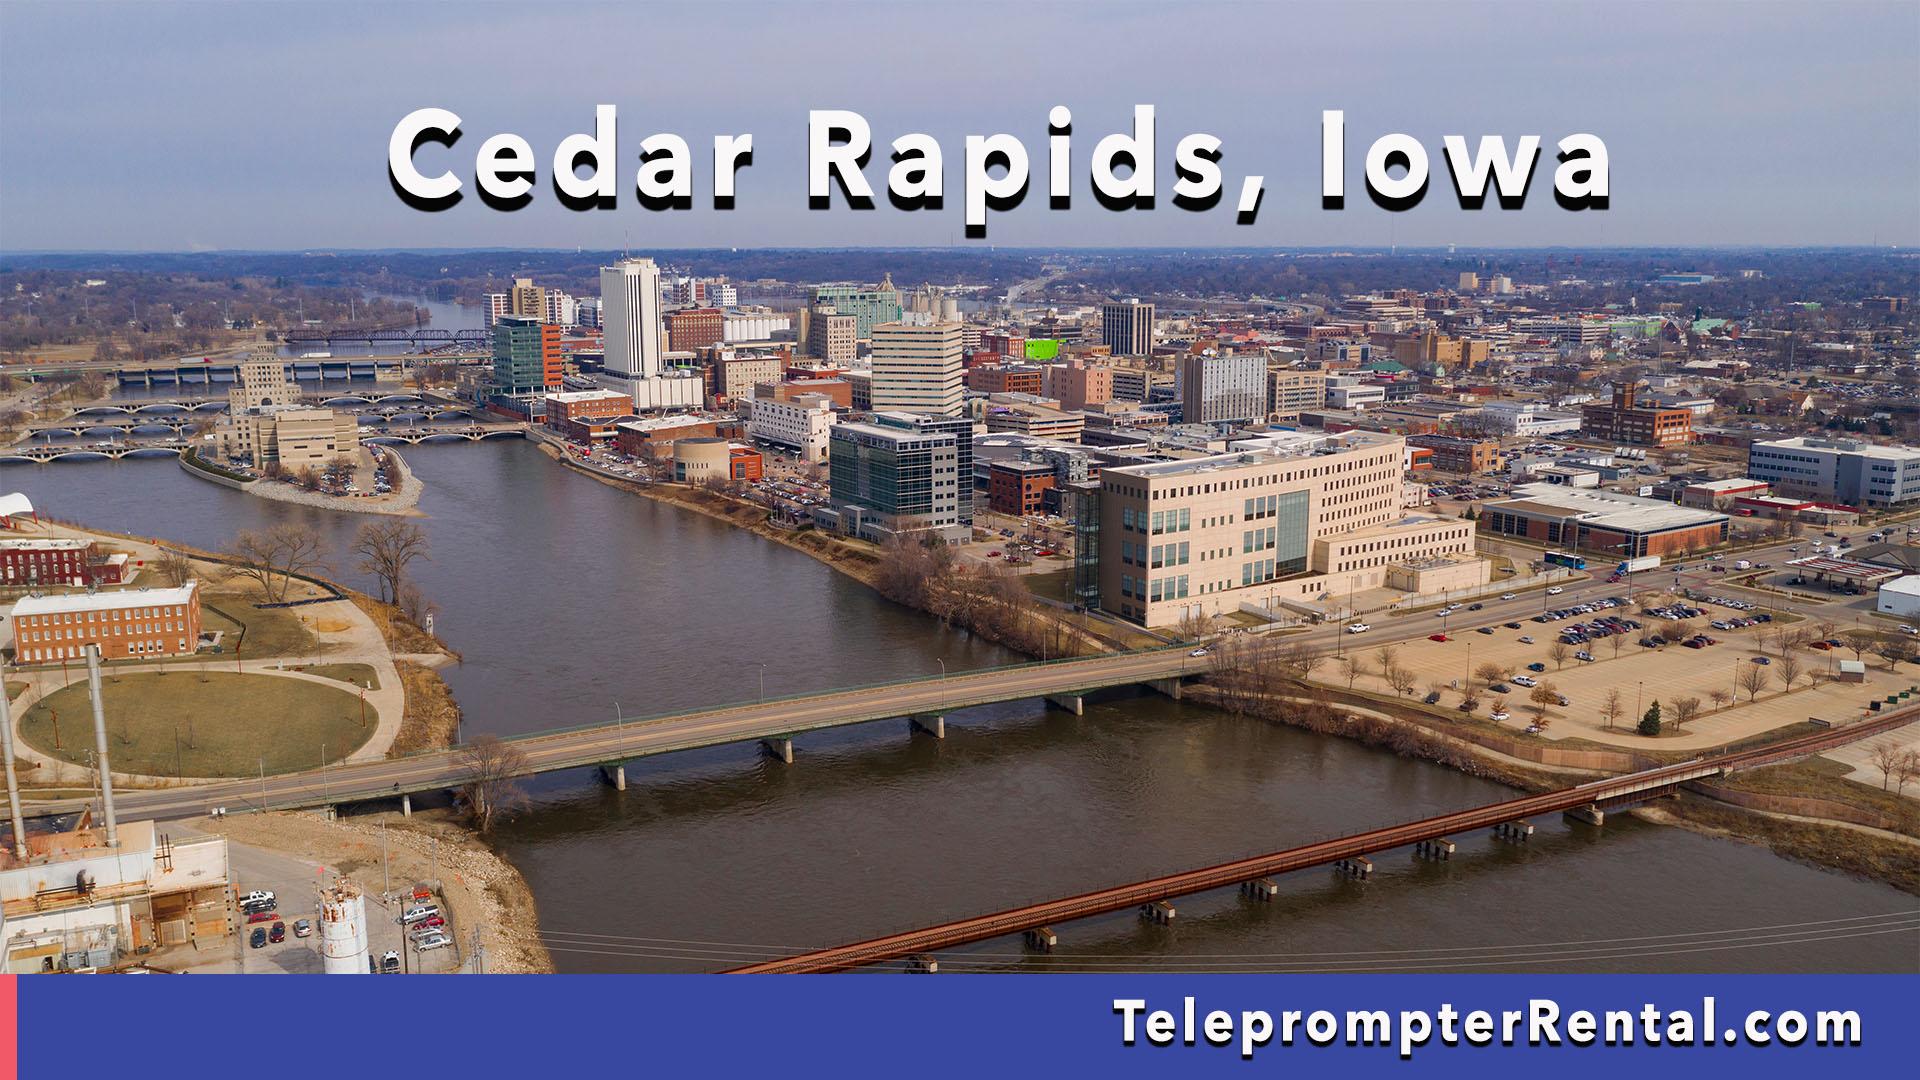 Cedar Rapids, Iowa - Teleprompter Rental